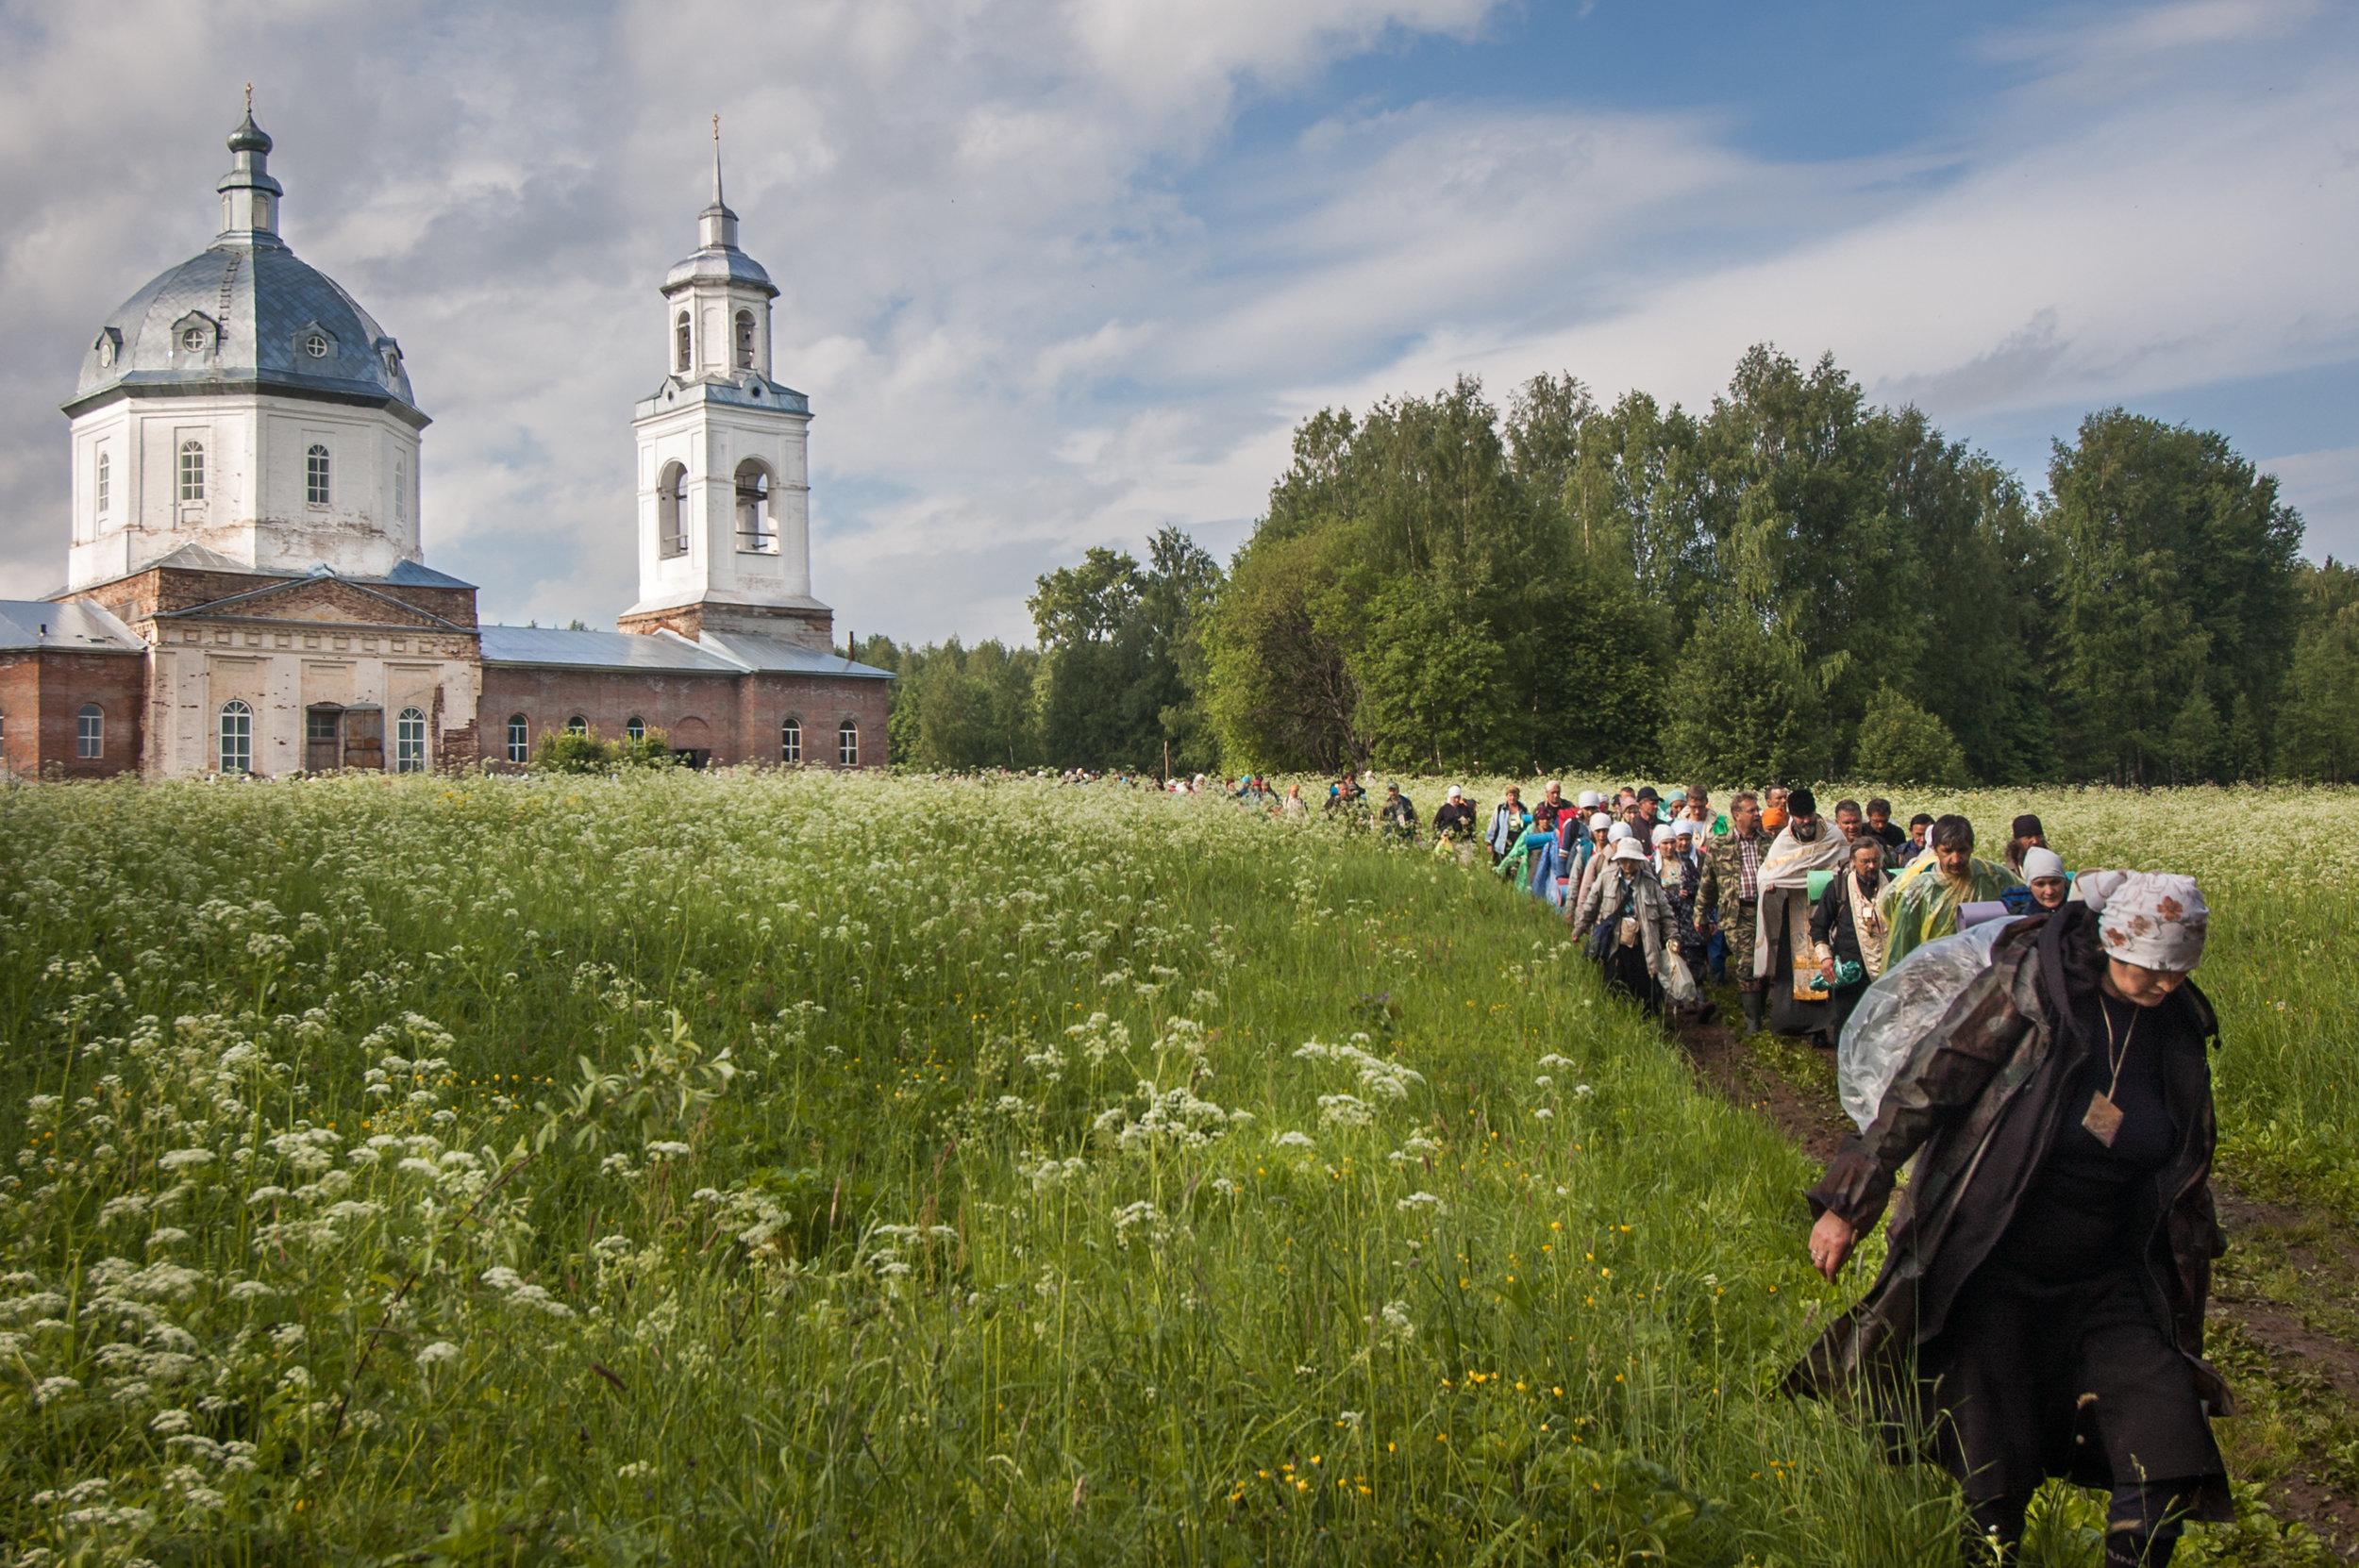 Velikorestskoye procession of the cross, day 3, Kirov region, June 2009